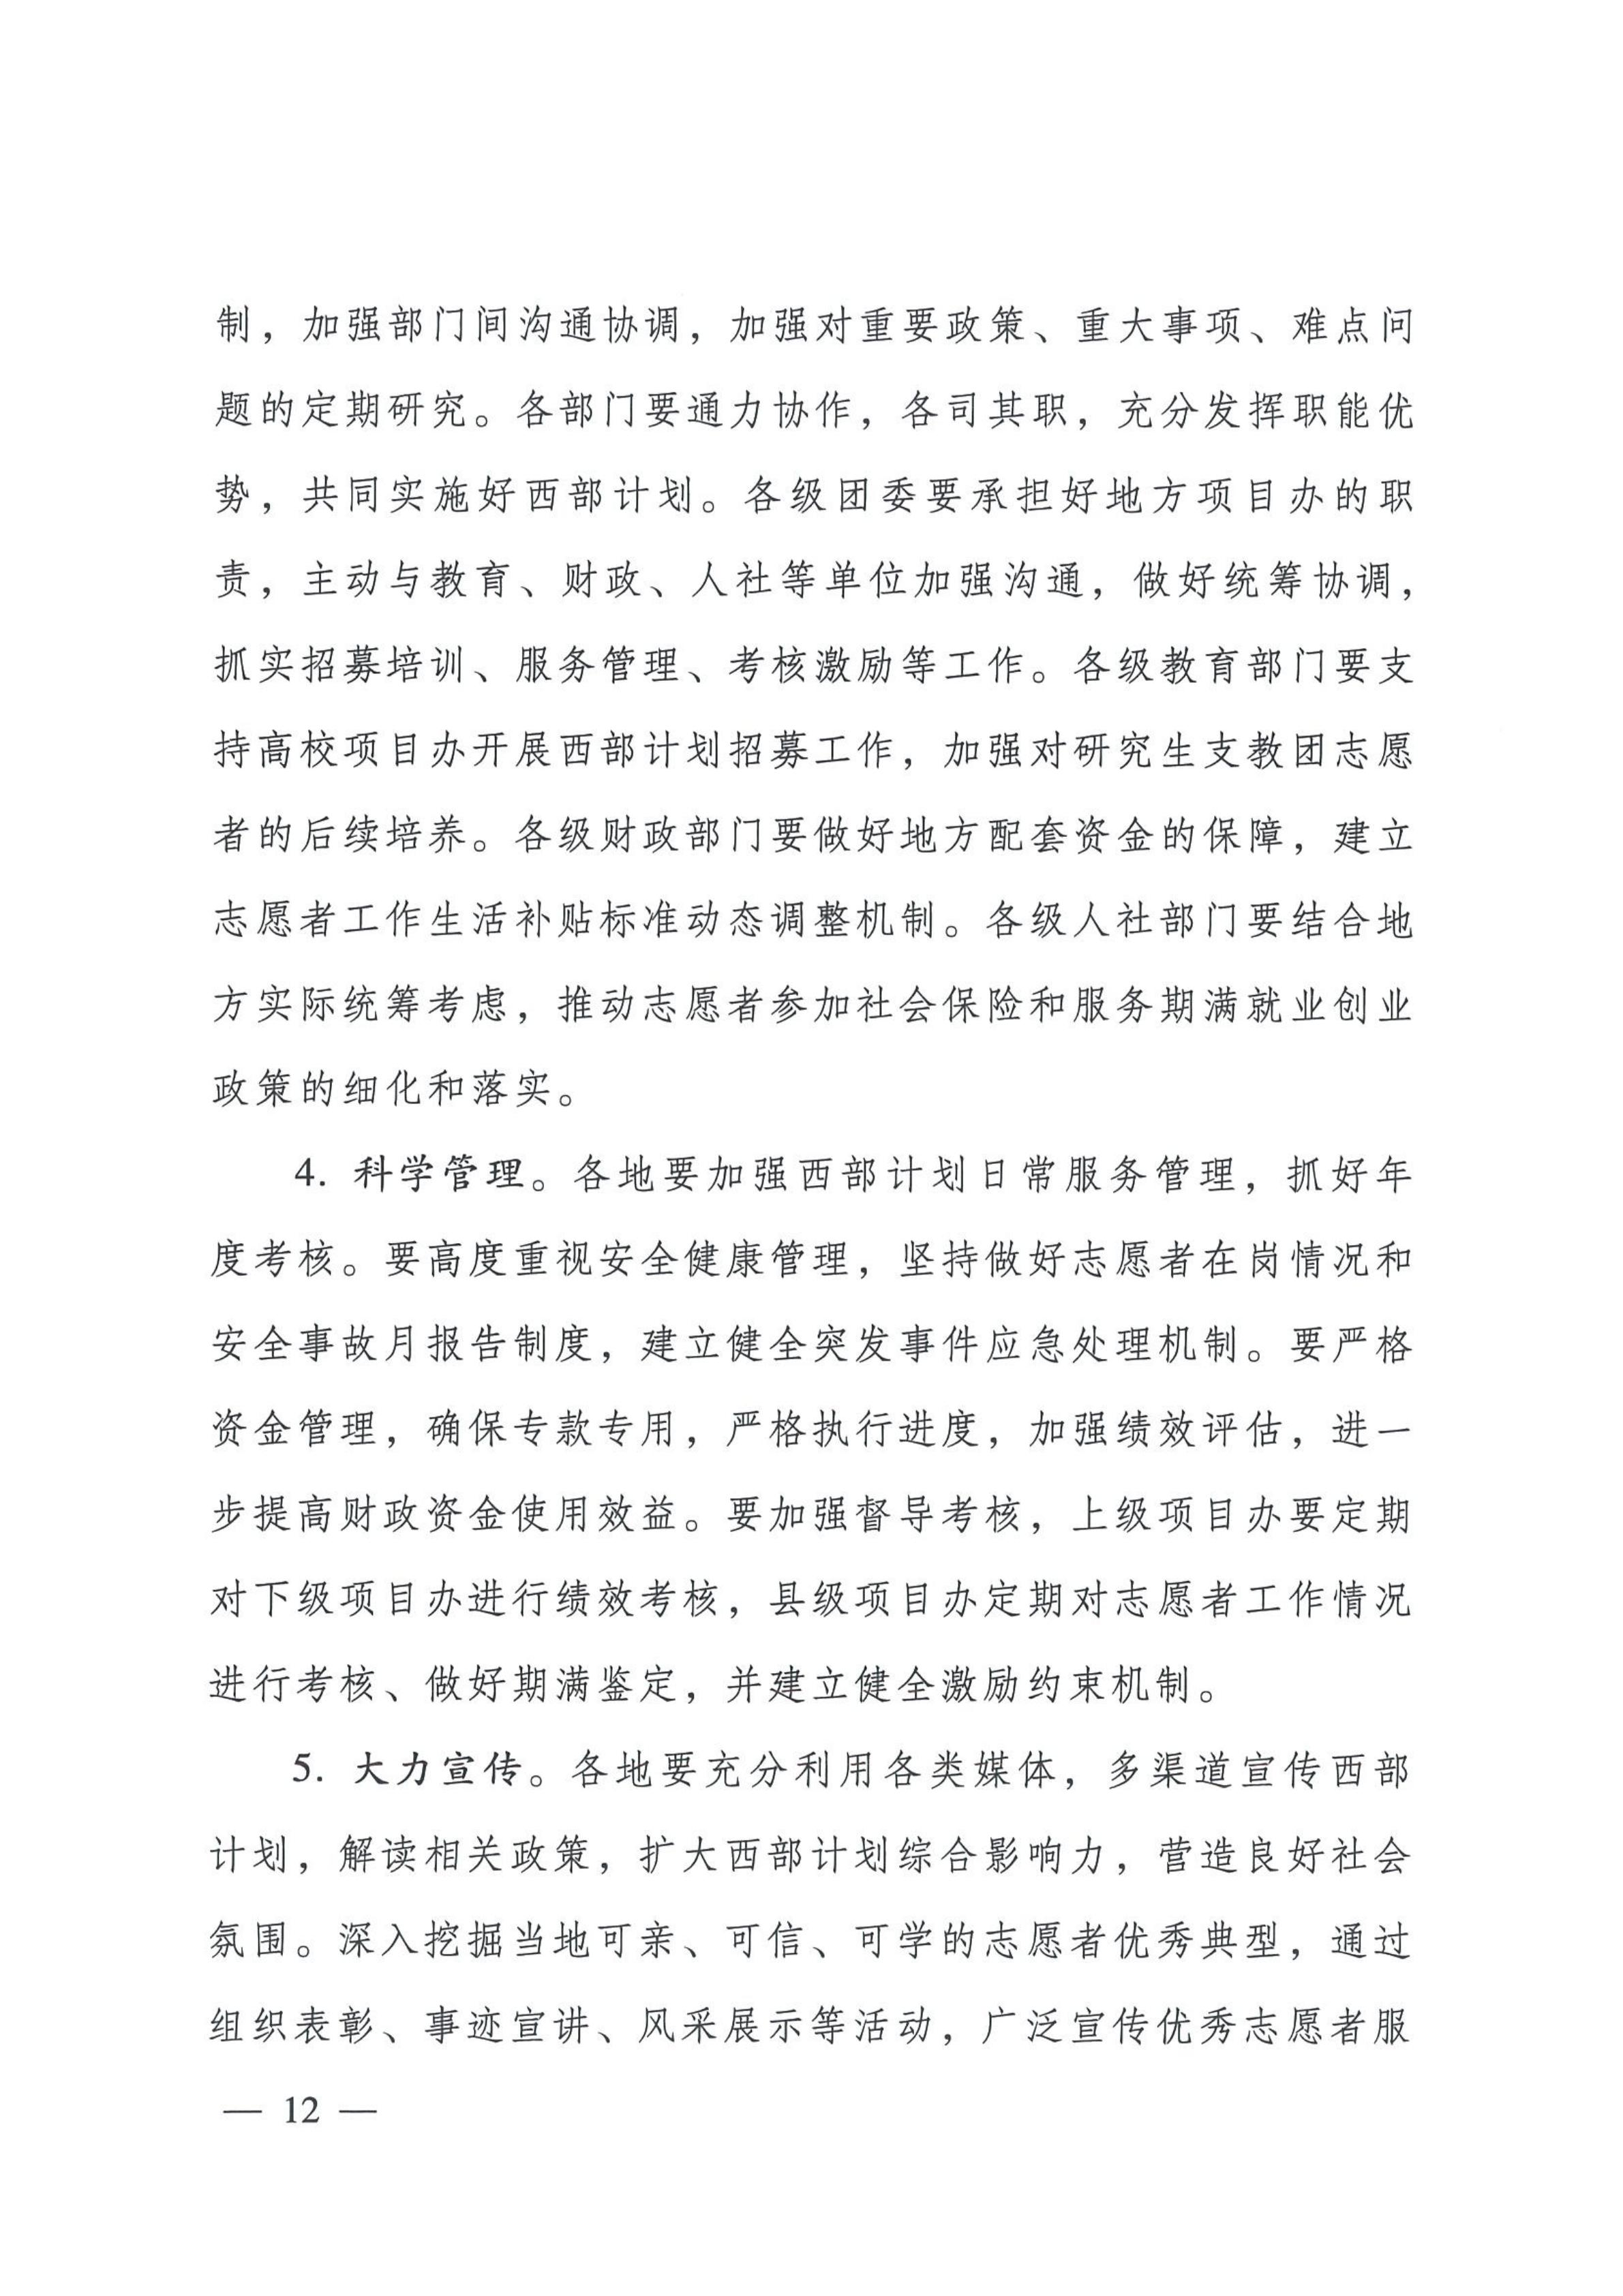 7-晋科院团[2019]7号-关于转发共青团中央《关于印发2019-2020年度大学生志愿服务西部计划实施方案》的通知》的通知_12.png